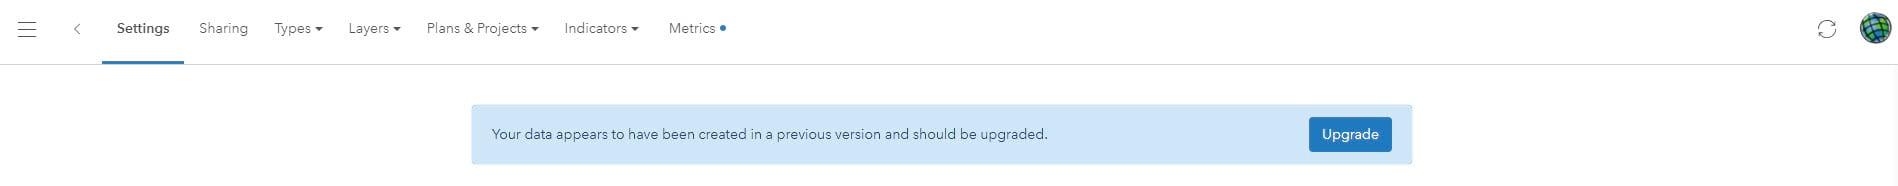 Design Plan Data Upgrade